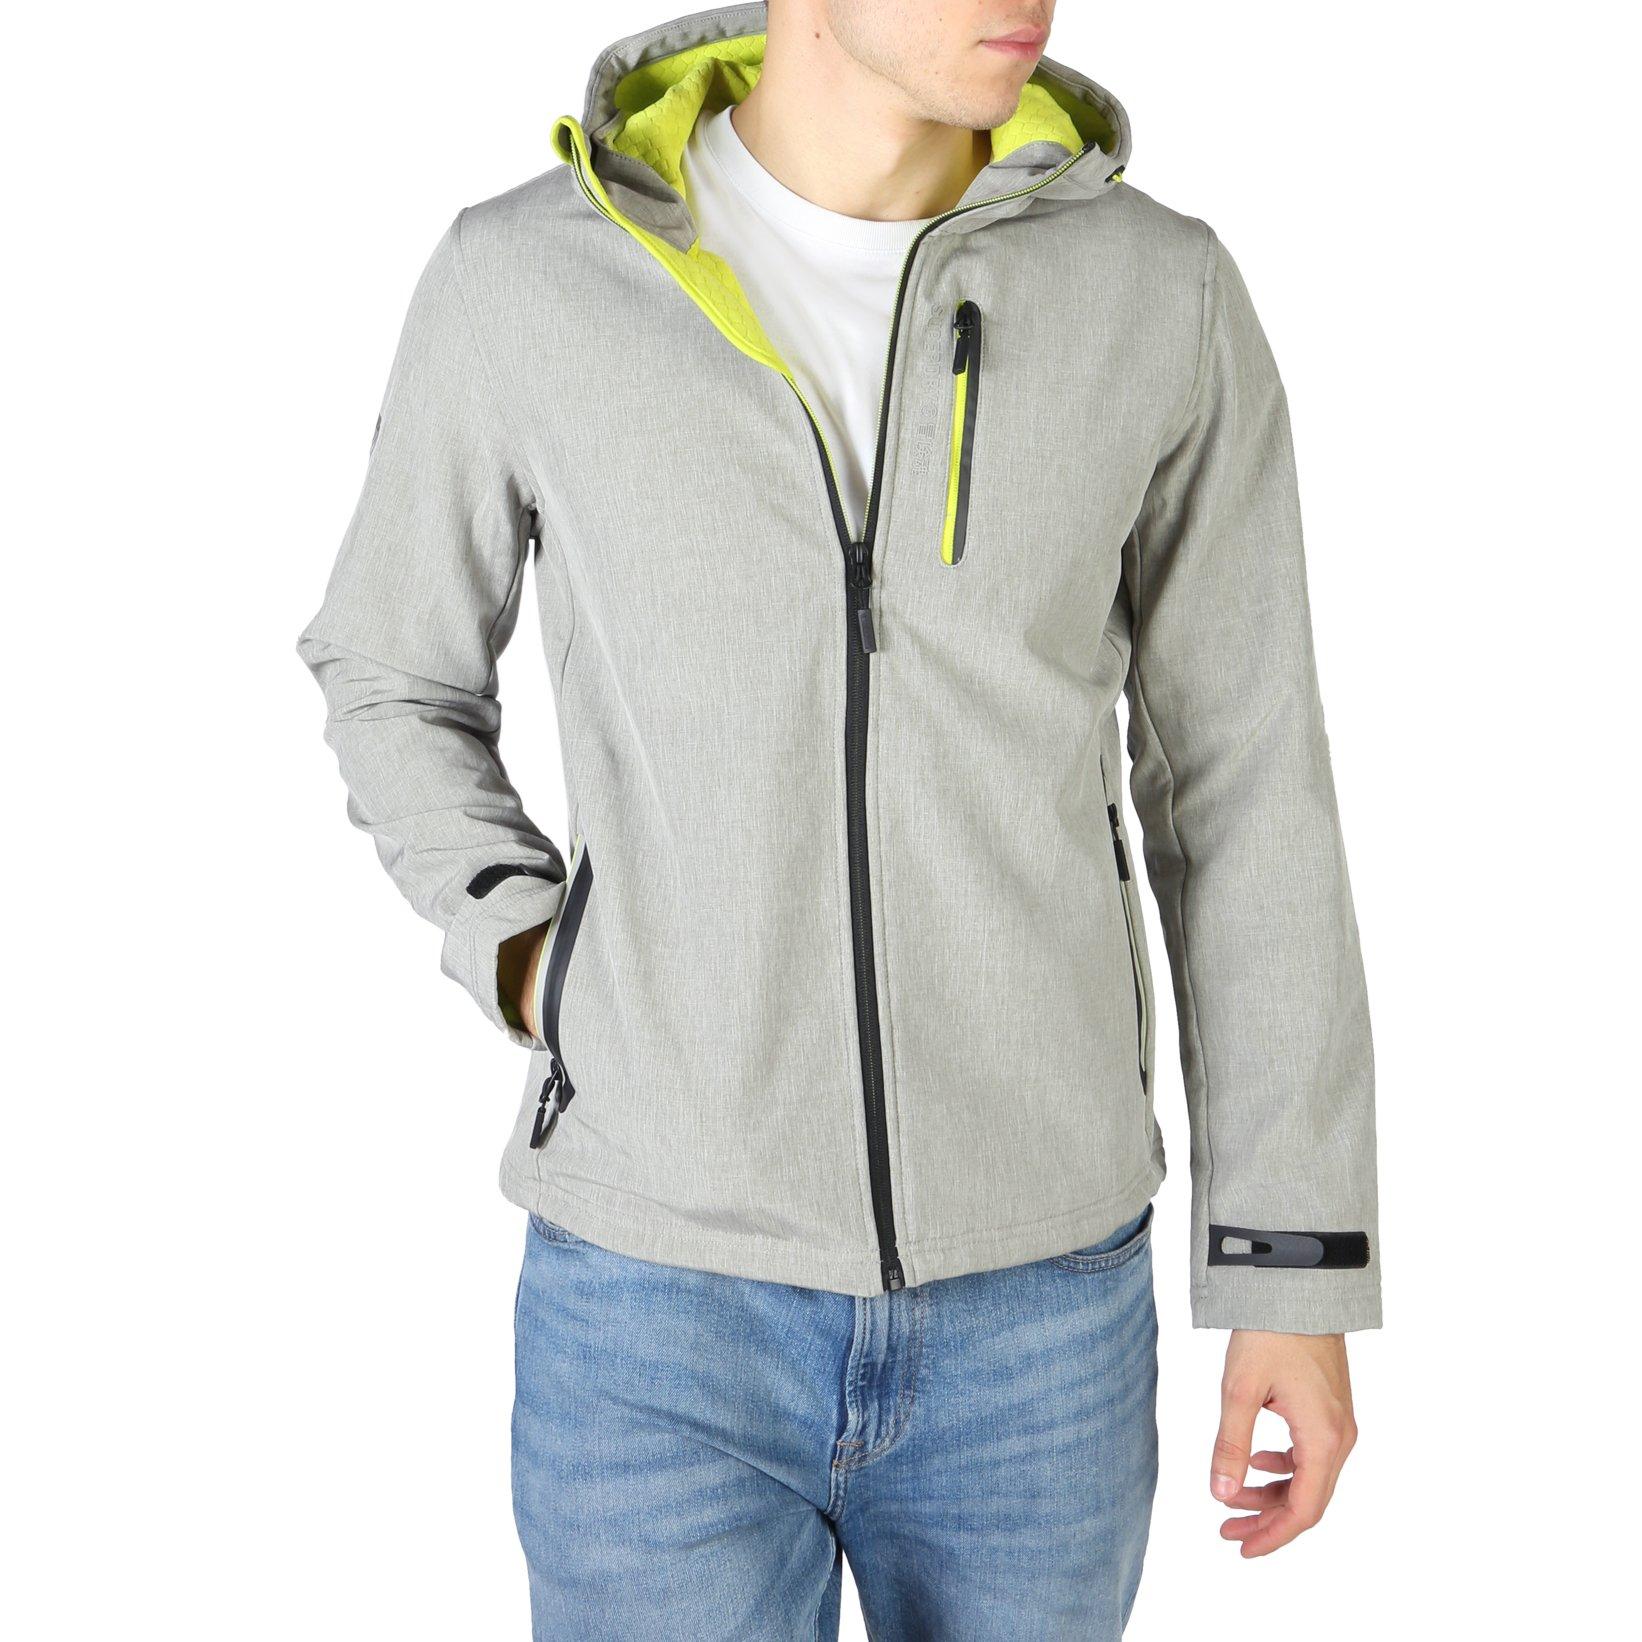 Superdry Men's Jacket Various Colours M5010172A - grey S